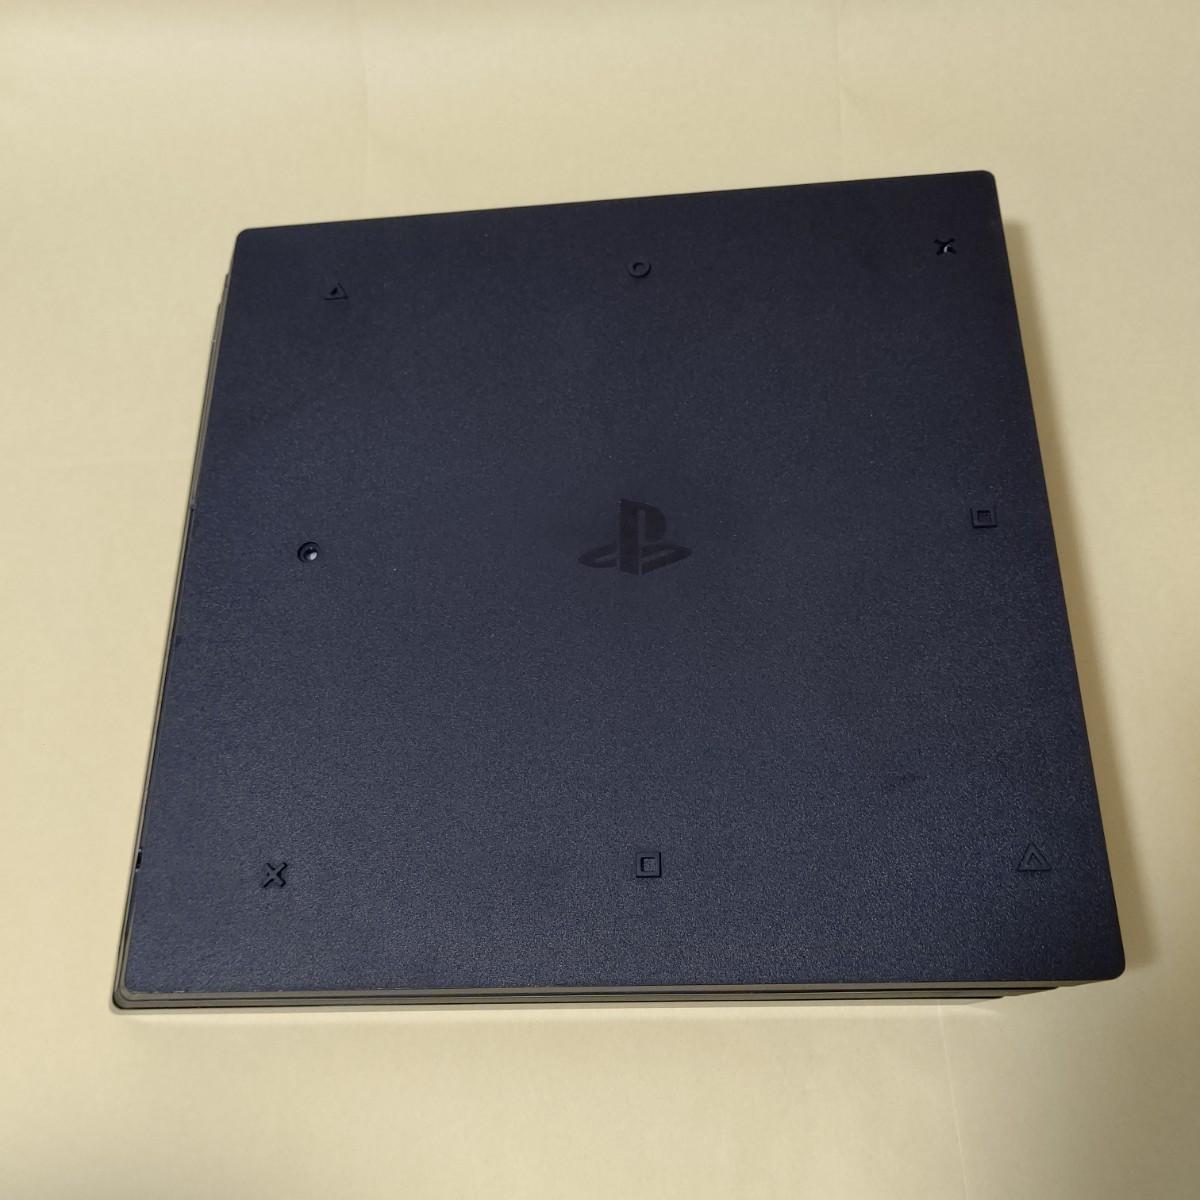 PlayStation 4 Pro 本体 PS4 1TB CUH-7100B PS4 Pro スターウォーズ 限定  プレステ4